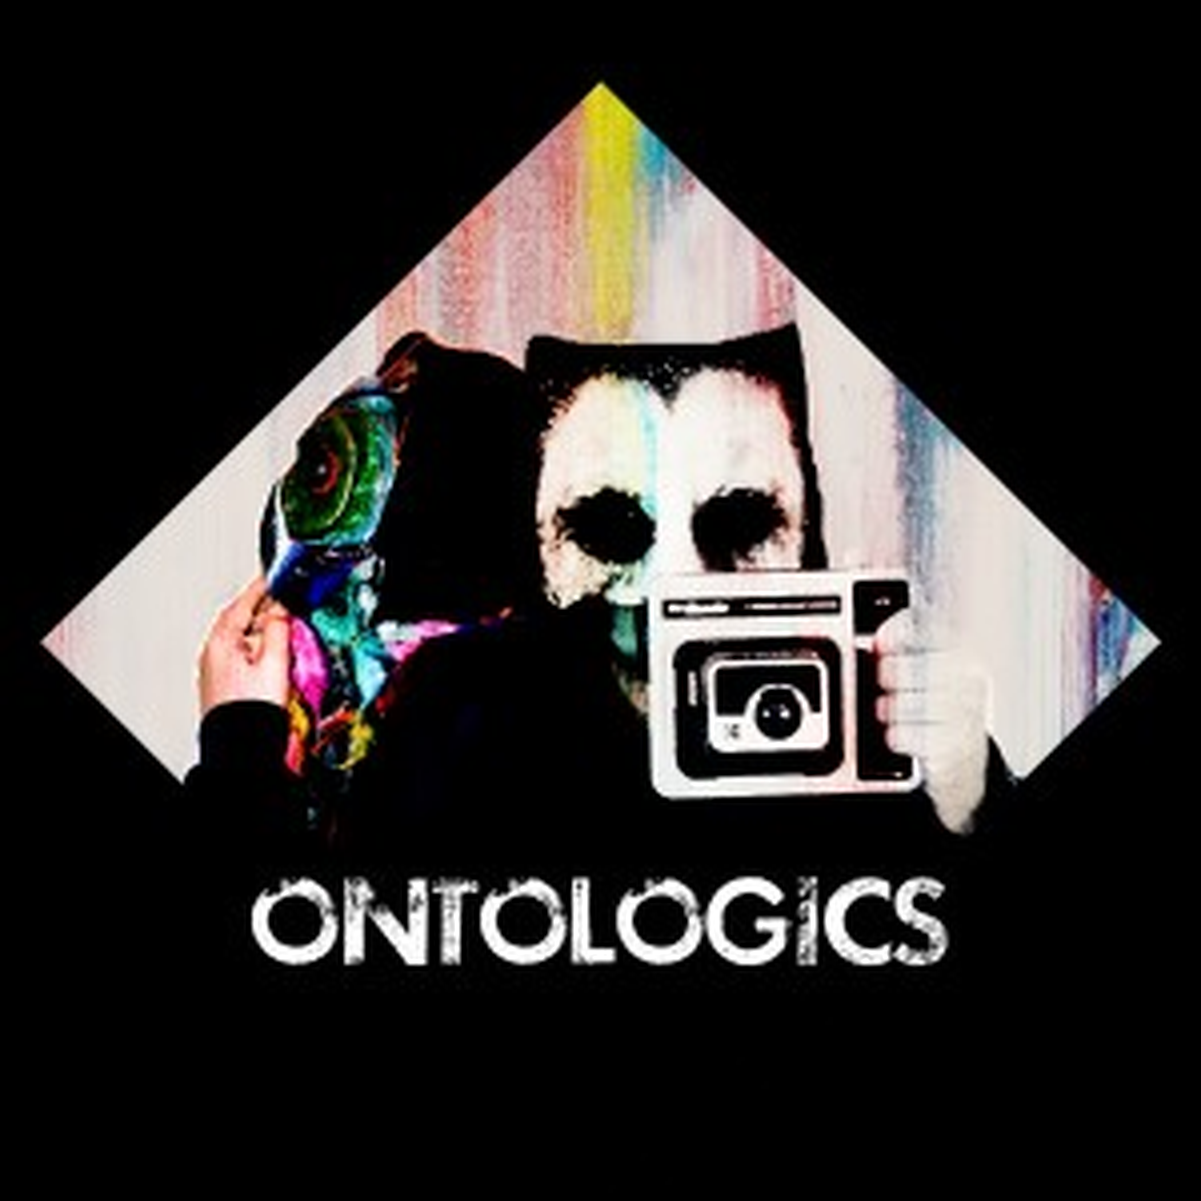 ontologics